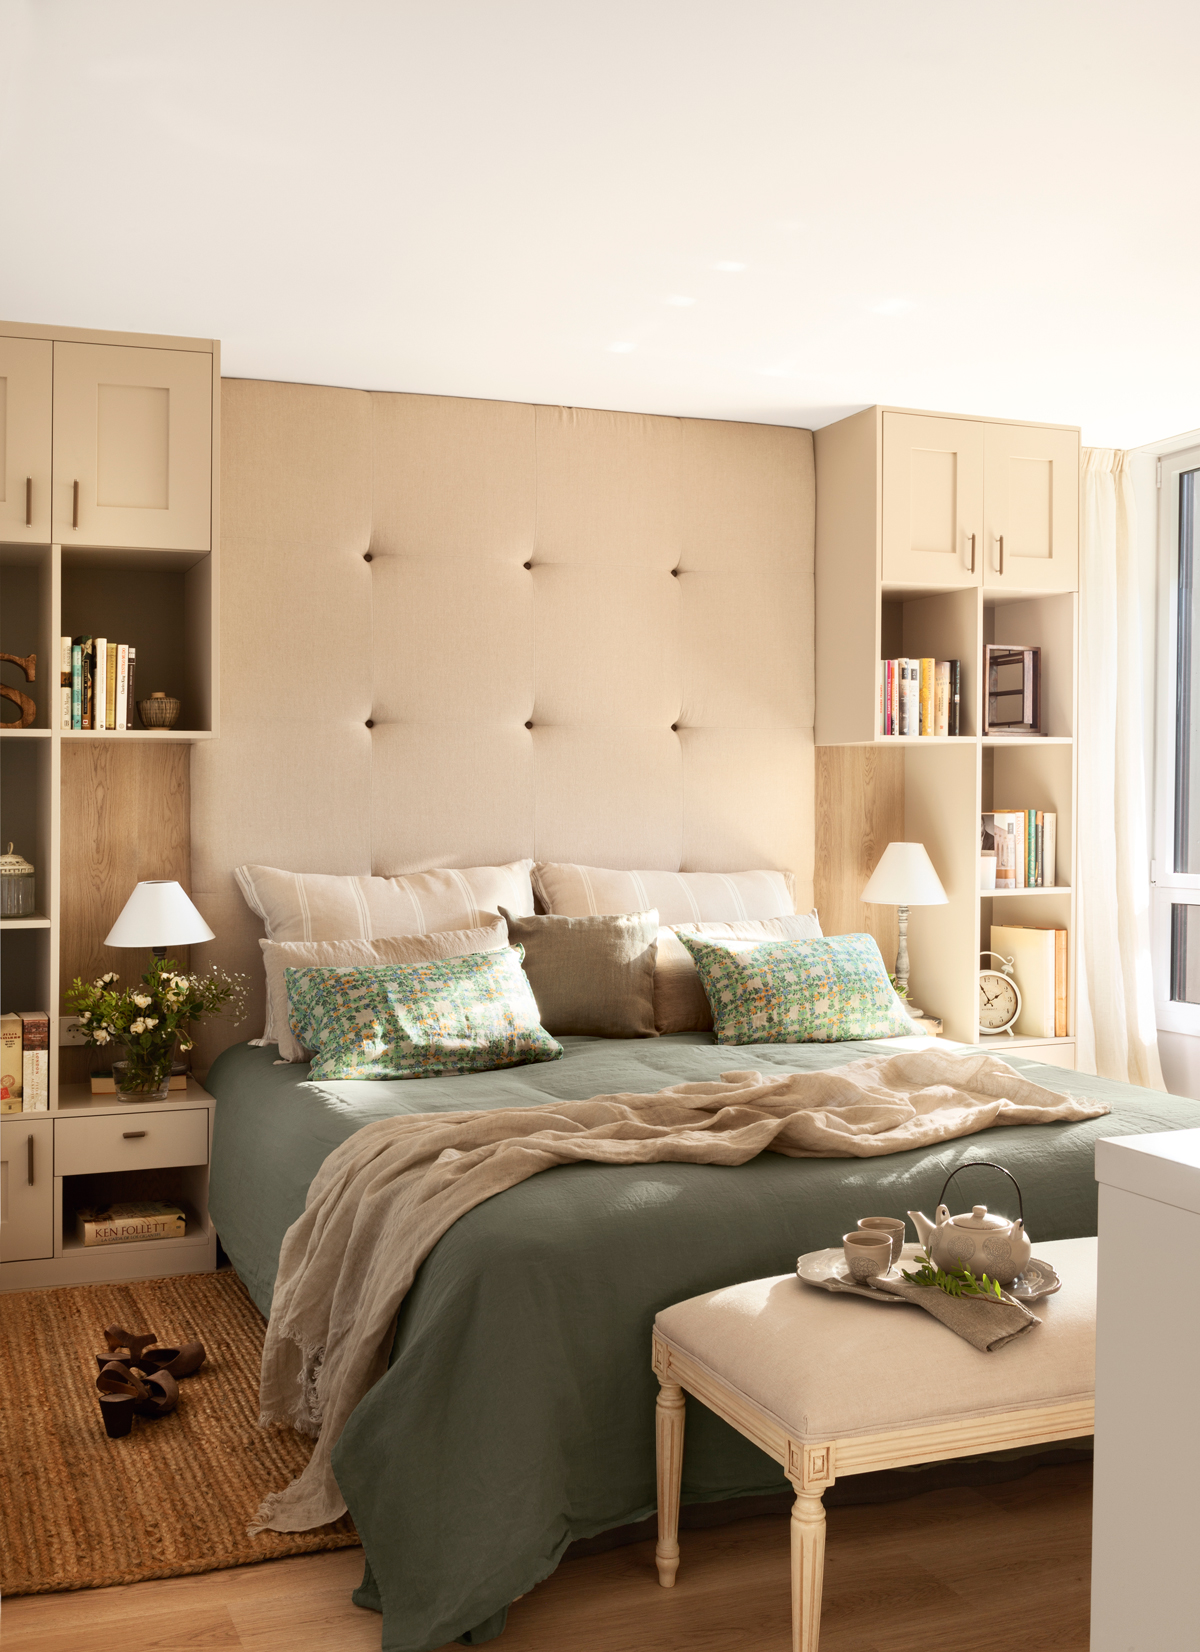 Cabeceros de cama: los 50 mejores de El Mueble